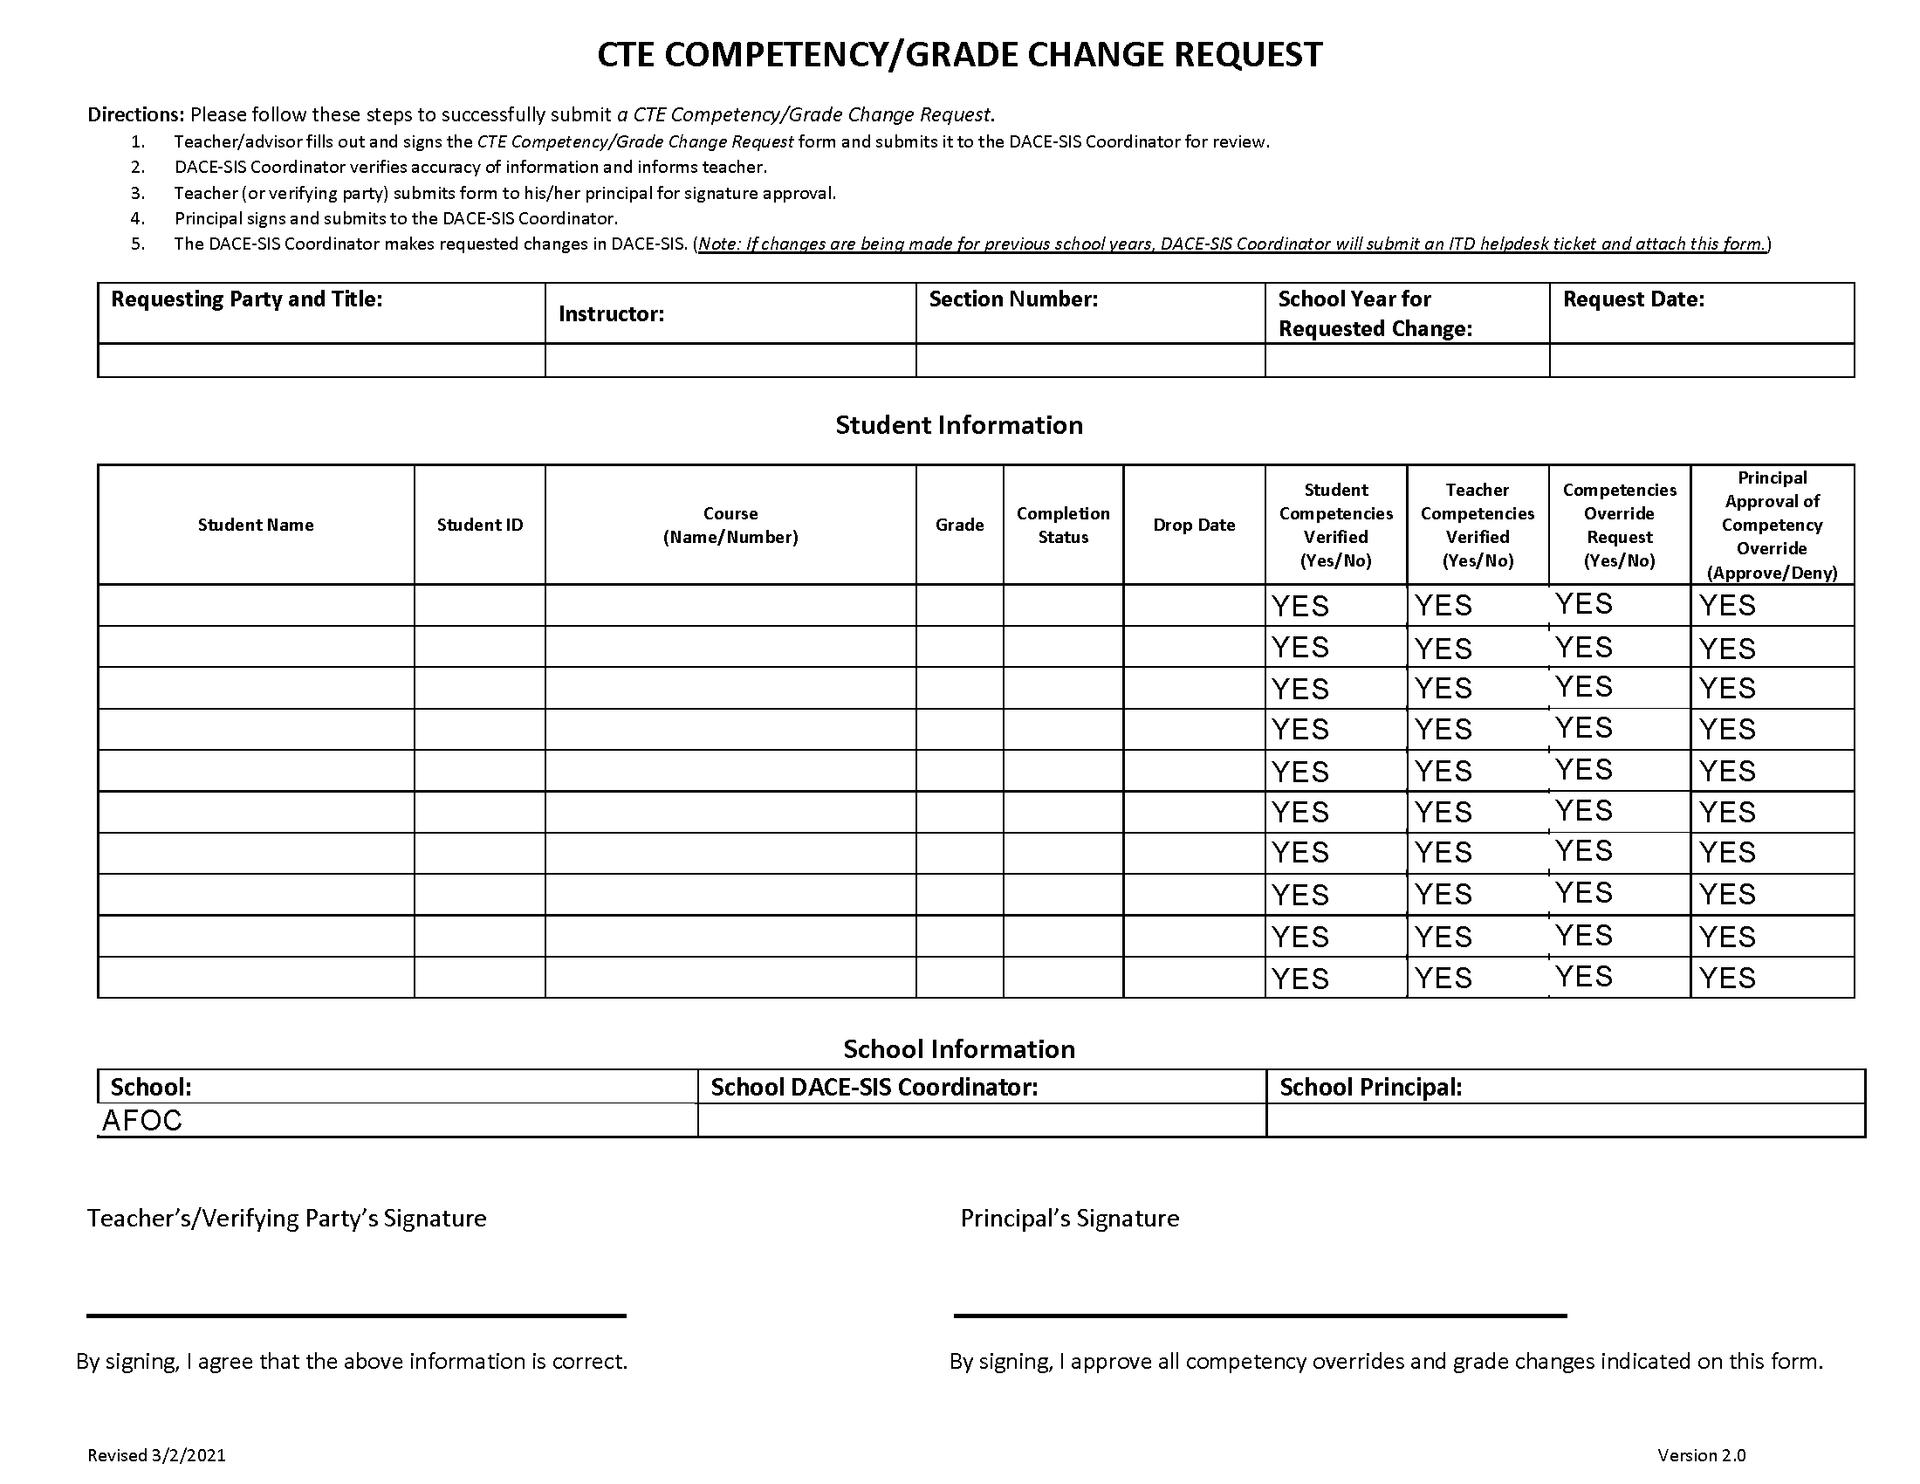 CTE Competency/Grade Change Request Form thumbnail